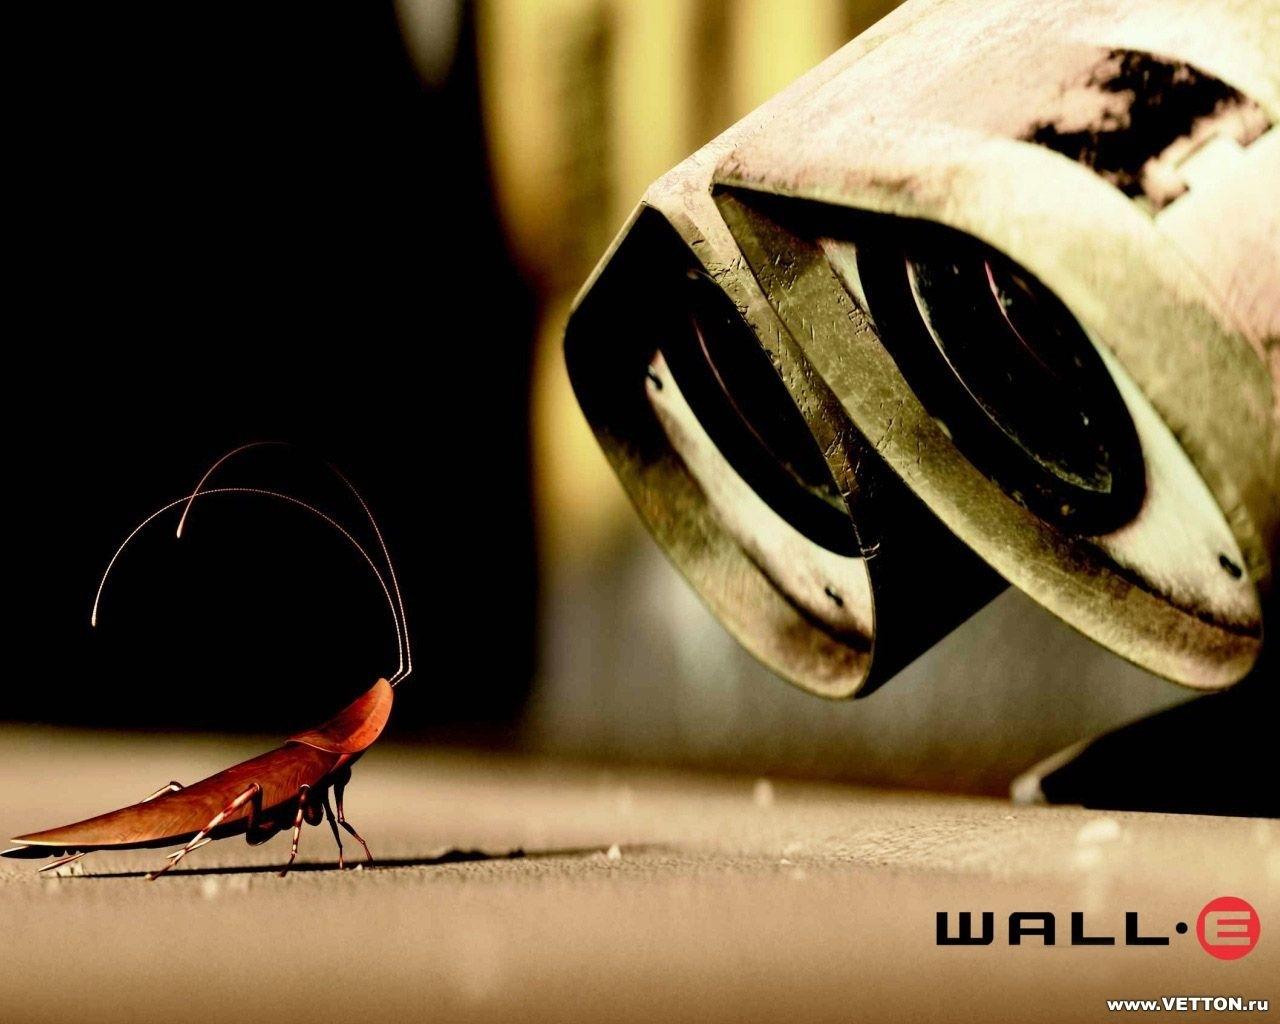 221 скачать обои Мультфильмы, Насекомые, Роботы, Валл-И (Wall-E) - заставки и картинки бесплатно